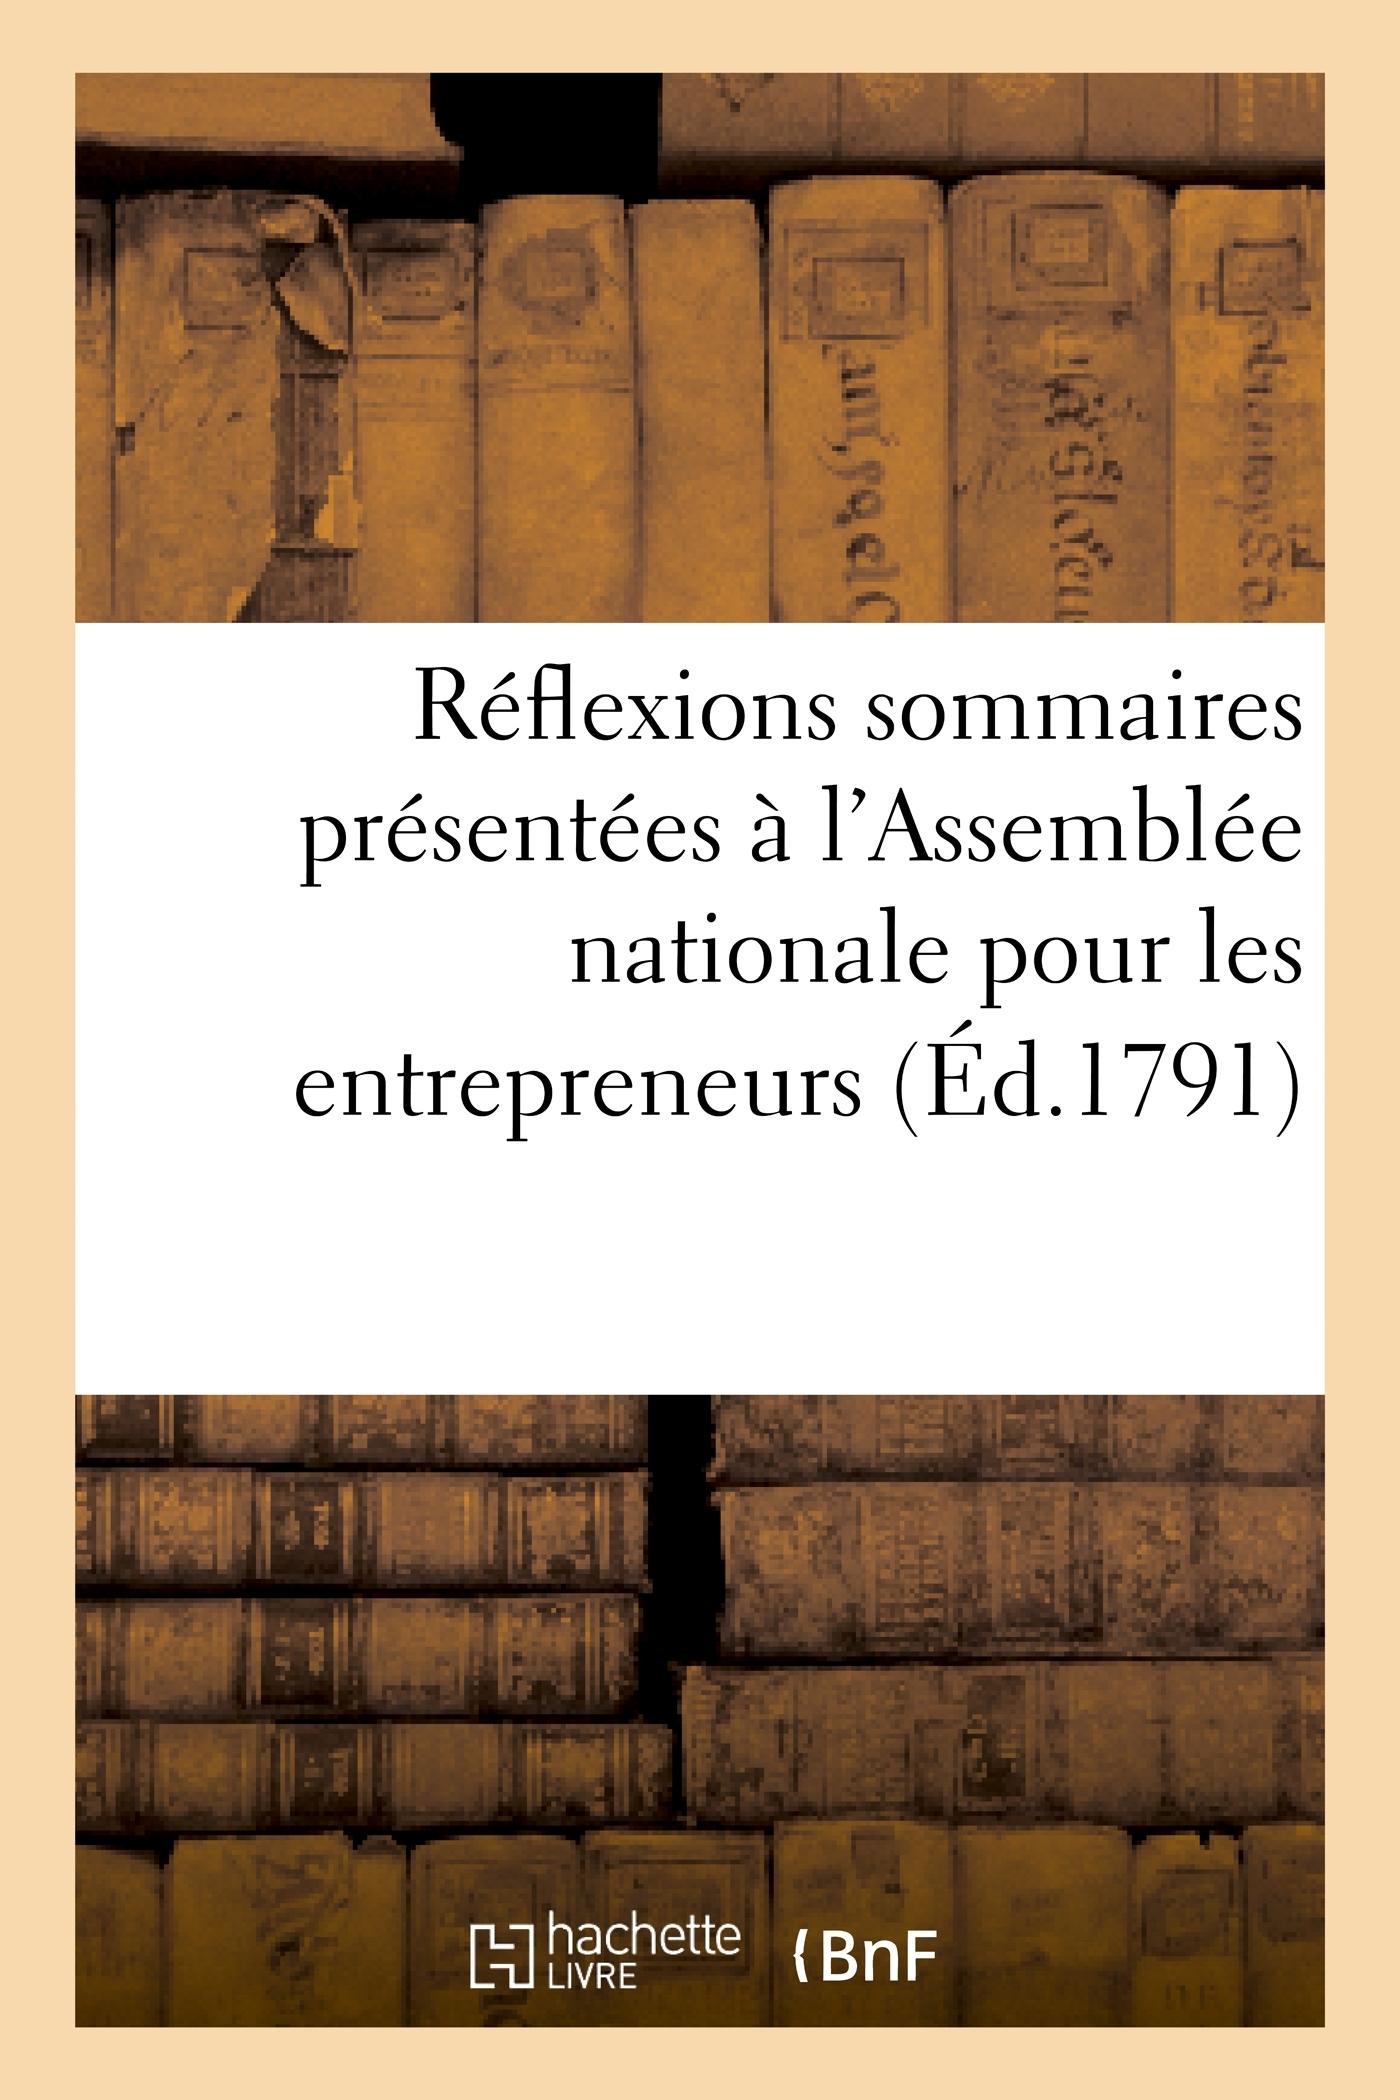 REFLEXIONS SOMMAIRES PRESENTEES A L'ASSEMBLEE NATIONALE POUR LES ENTREPRENEURS ET ACTEURS - DES SPEC